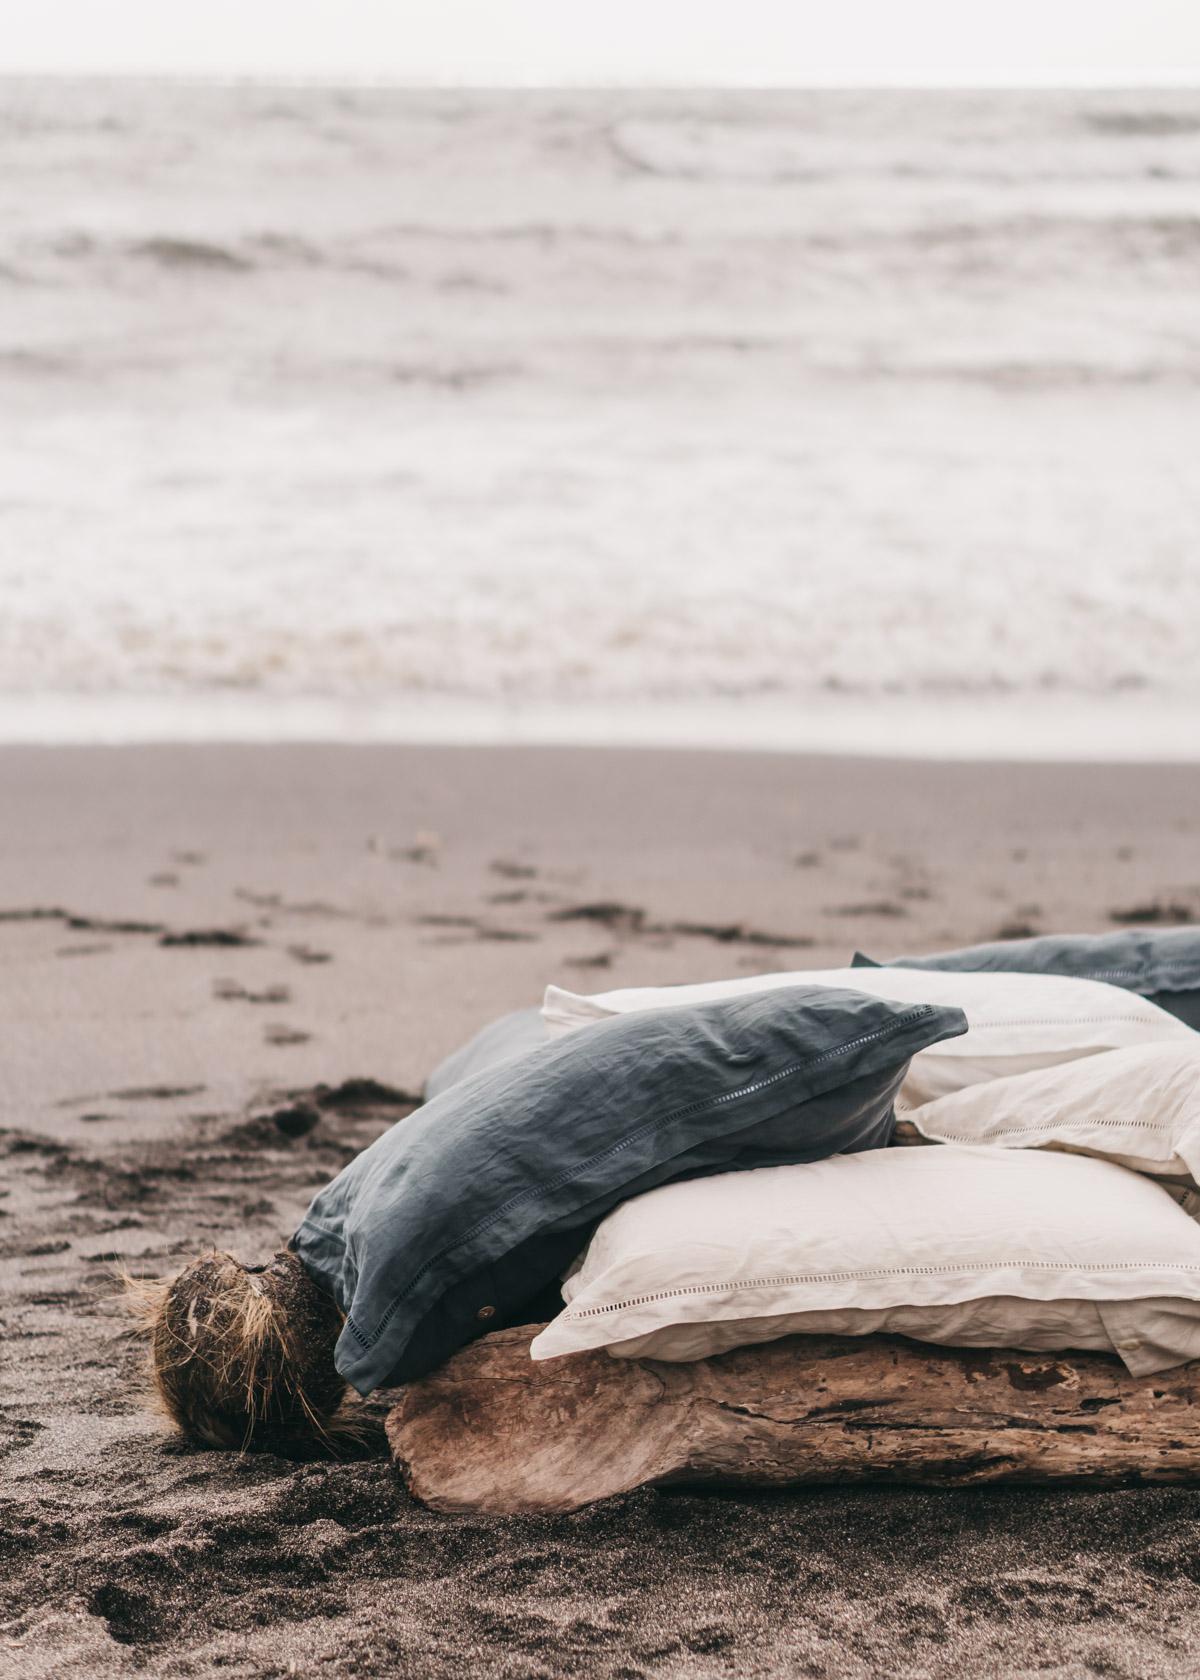 Keira-Mason-in-between-the-sheets-bed-at-beach.jpg